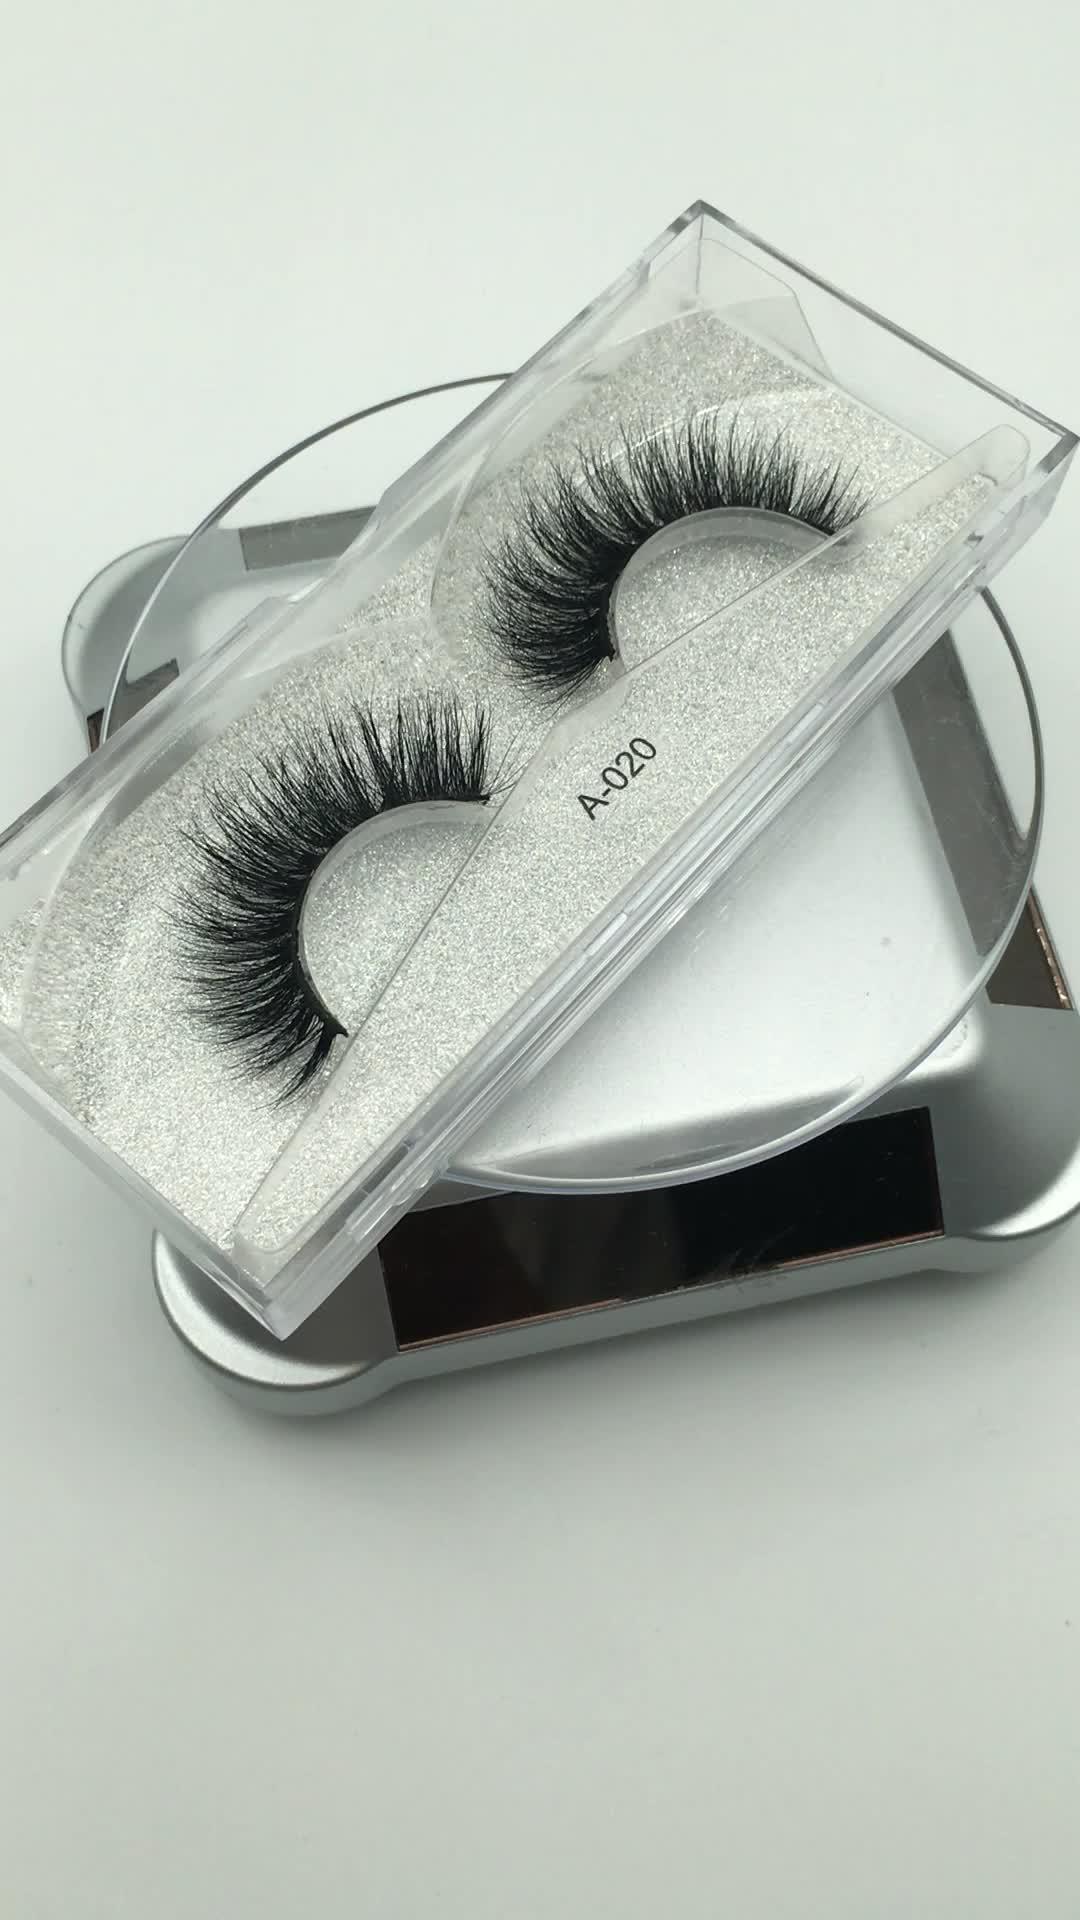 โรงงานขายส่งมืออาชีพที่กำหนดเอง 100% 3D มิงค์ขายส่งมิงค์ขนตา